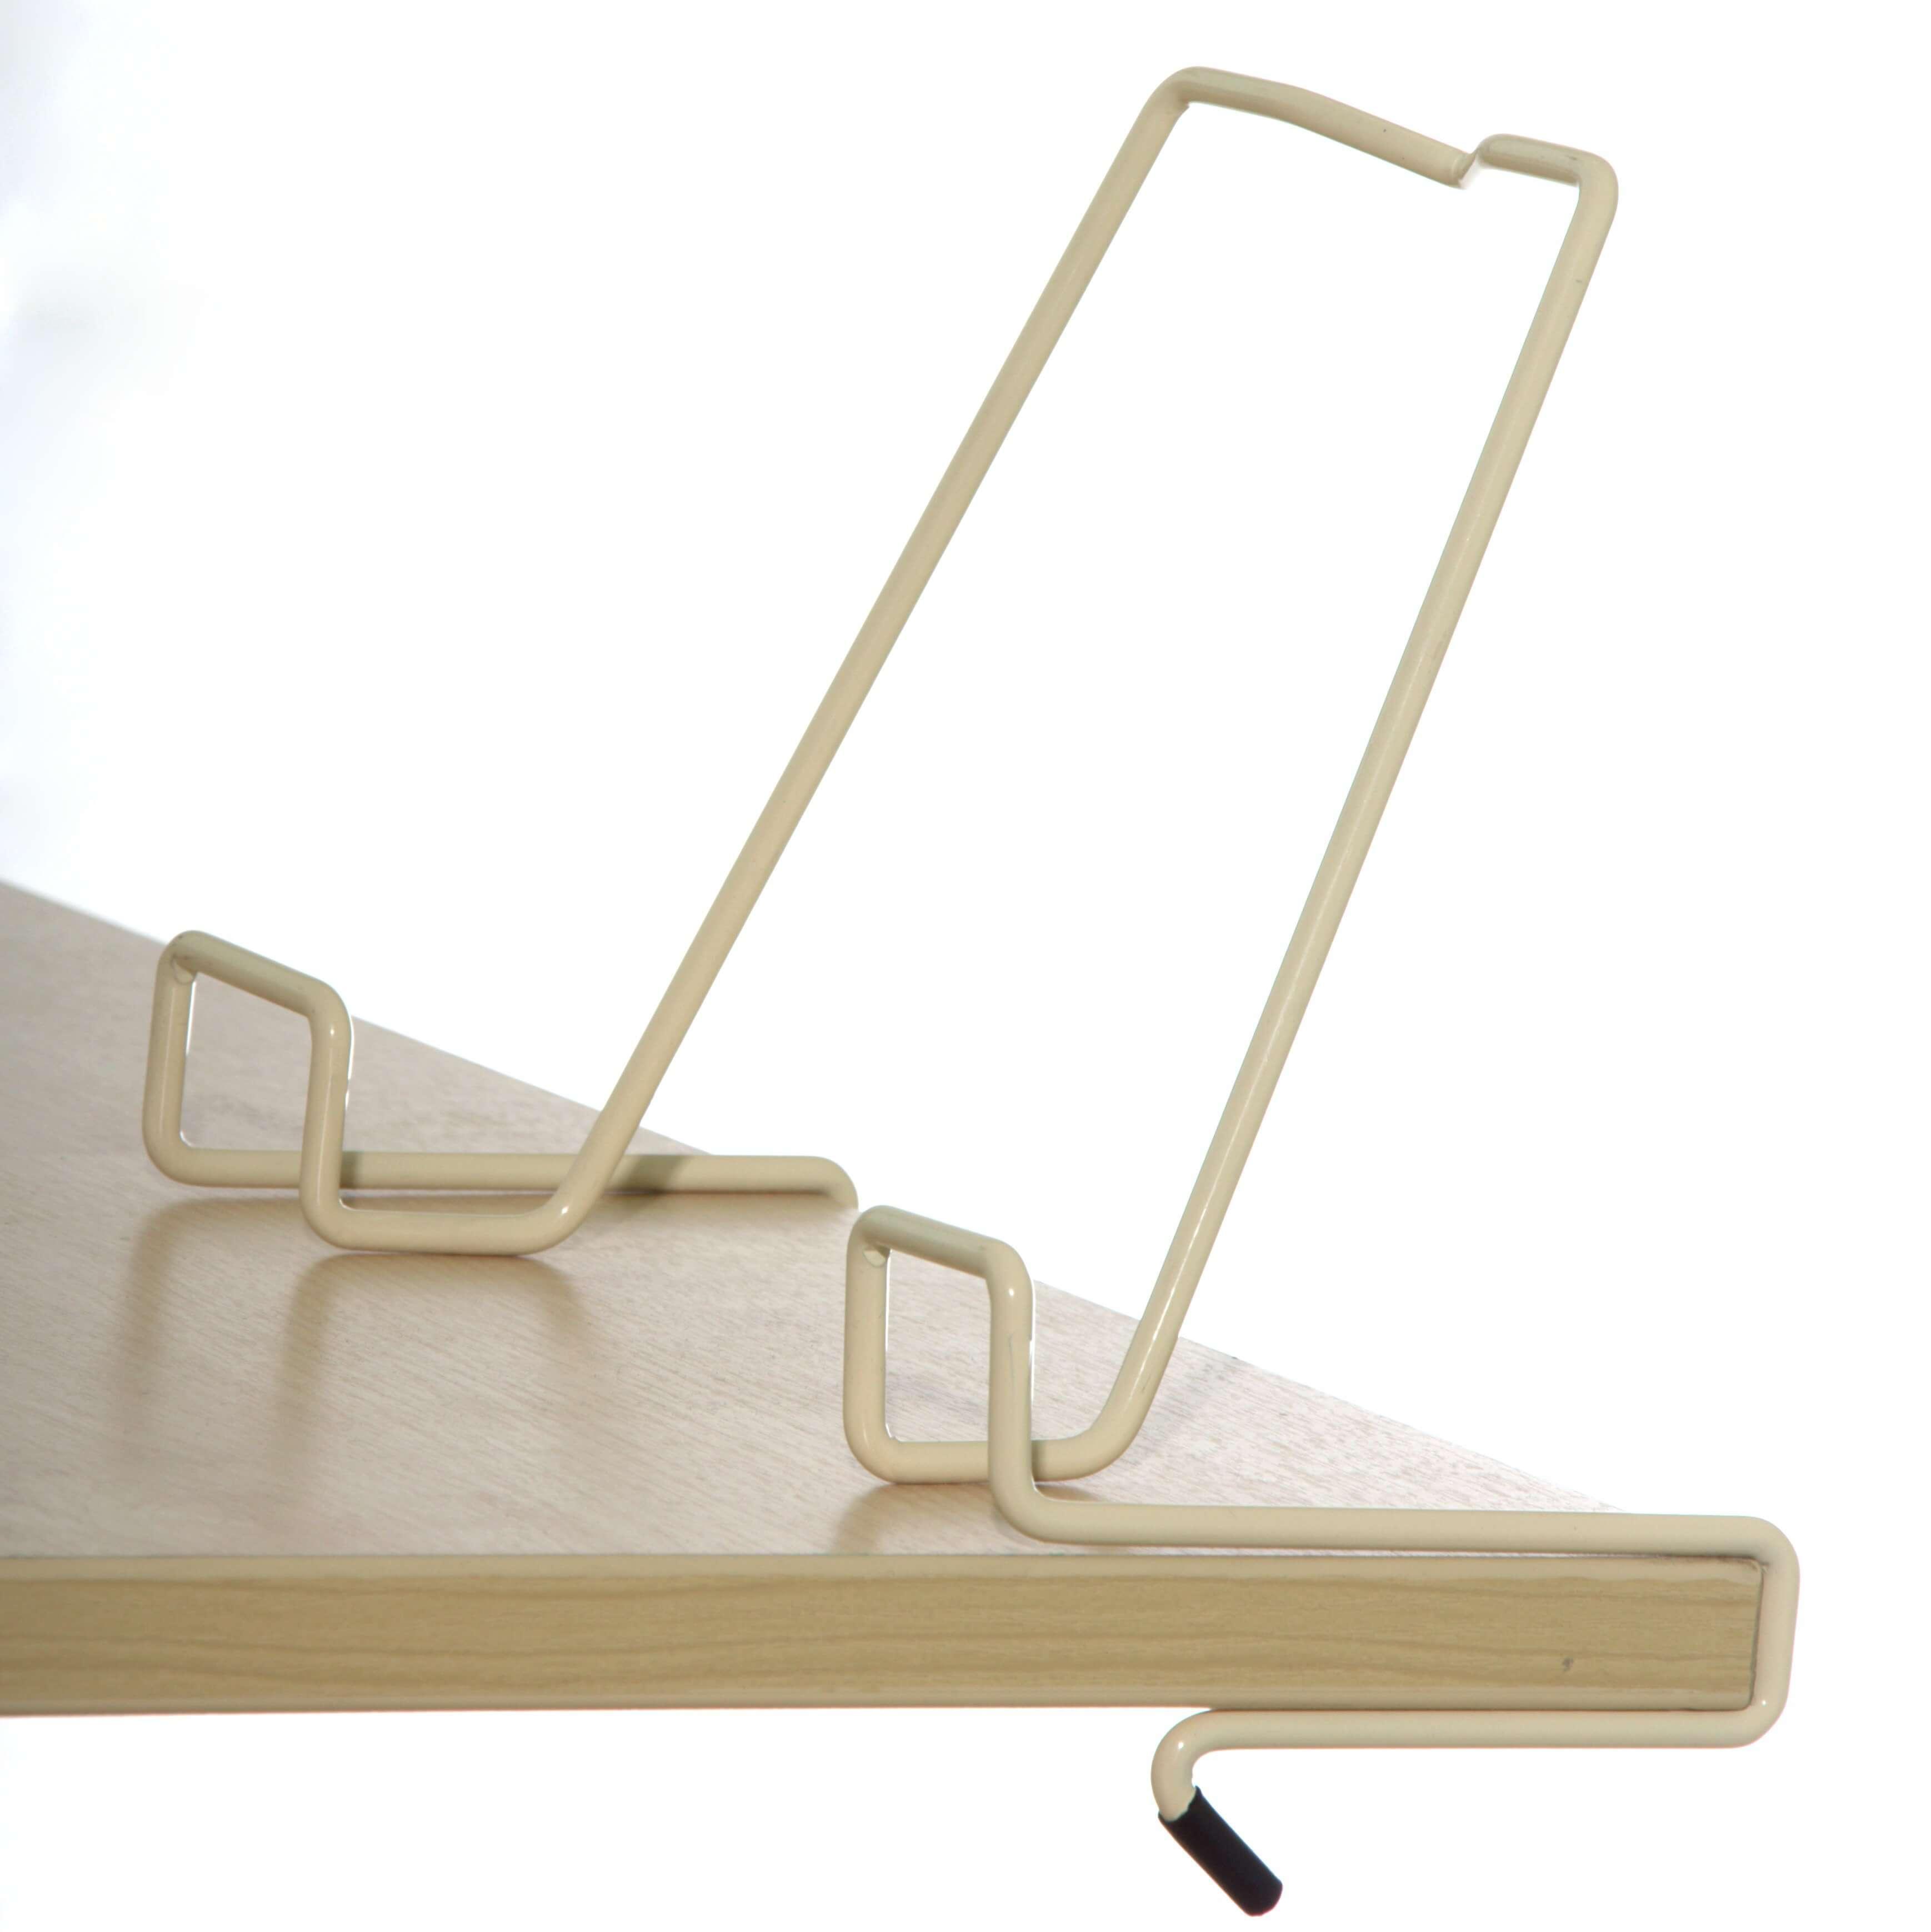 Подставка для книг для наклонных столешниц Дэми ПК-01 БежевыйАксессуары<br><br>Цвет: Бежевый; Бренд: Дэми; Ширина (см): 33; Глубина (см): 5; Высота (см): 20;